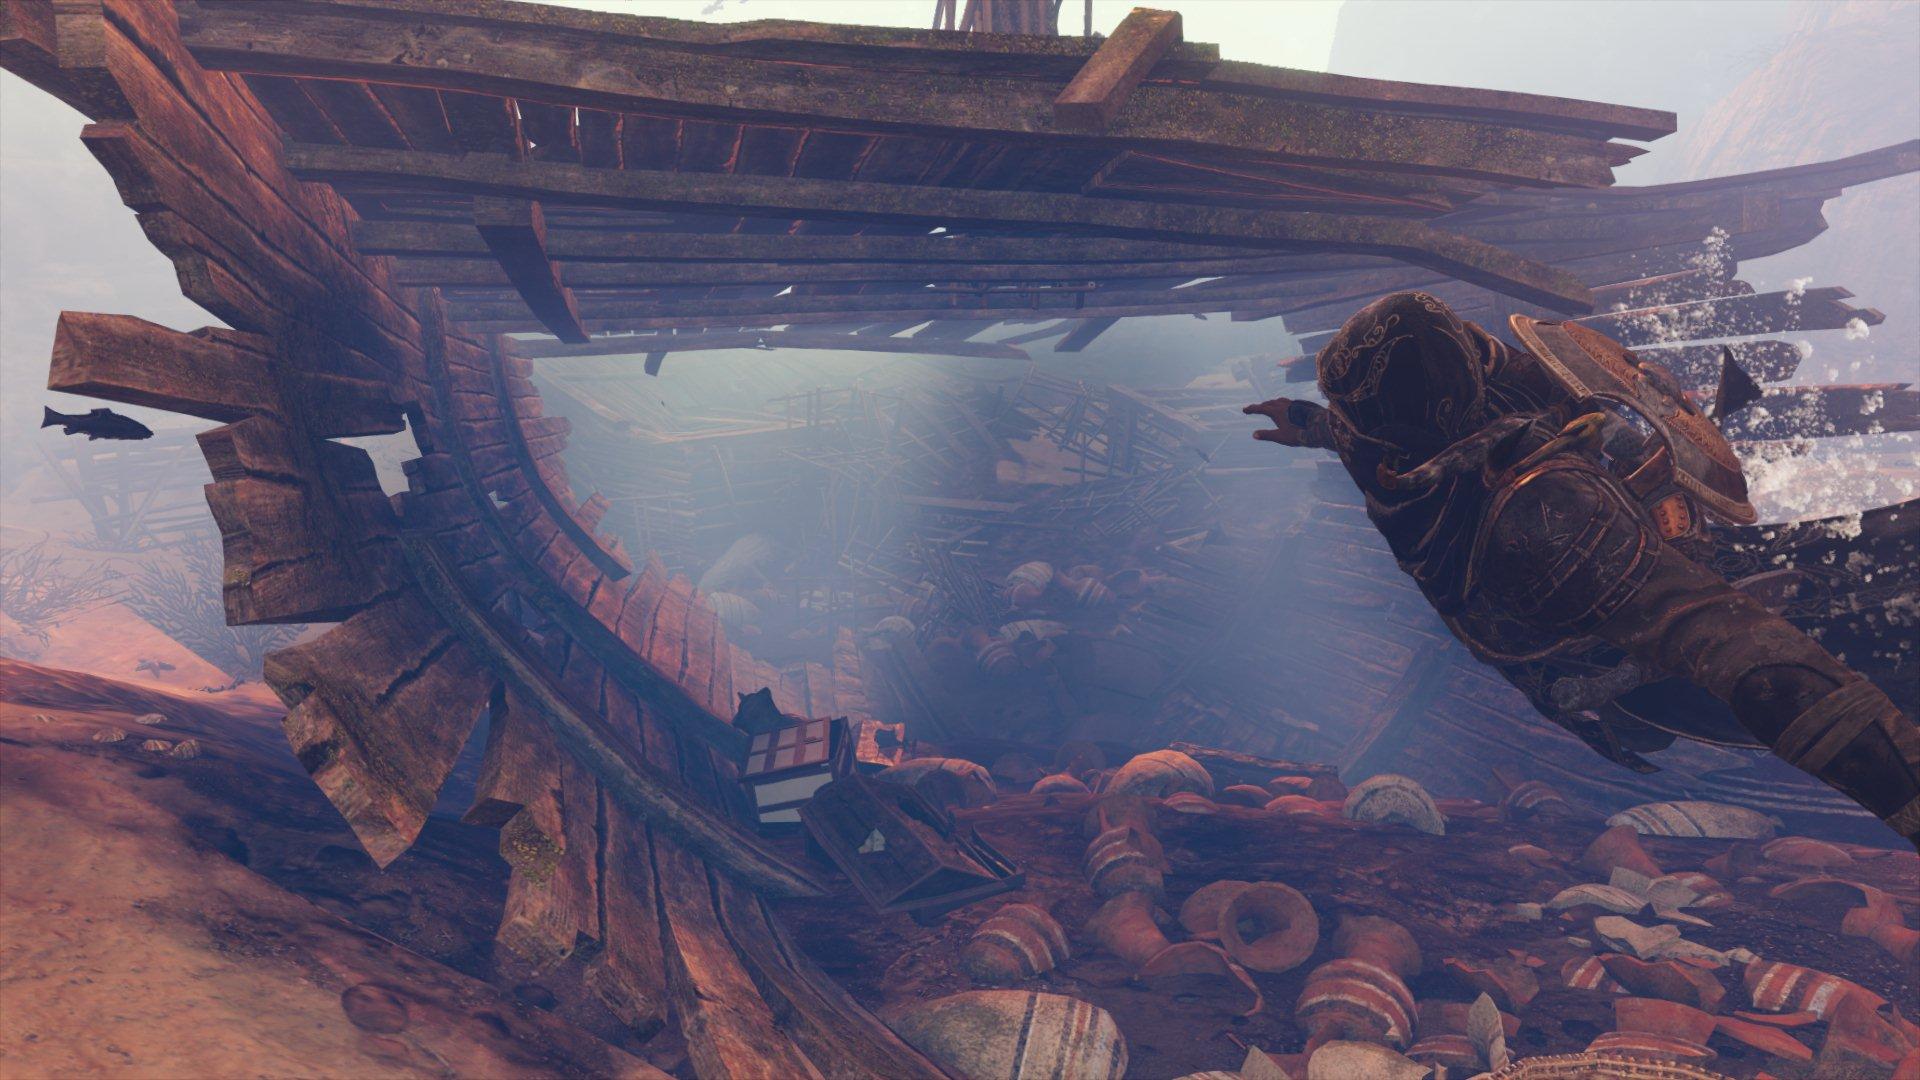 20180221150849.jpg - Assassin's Creed: Origins